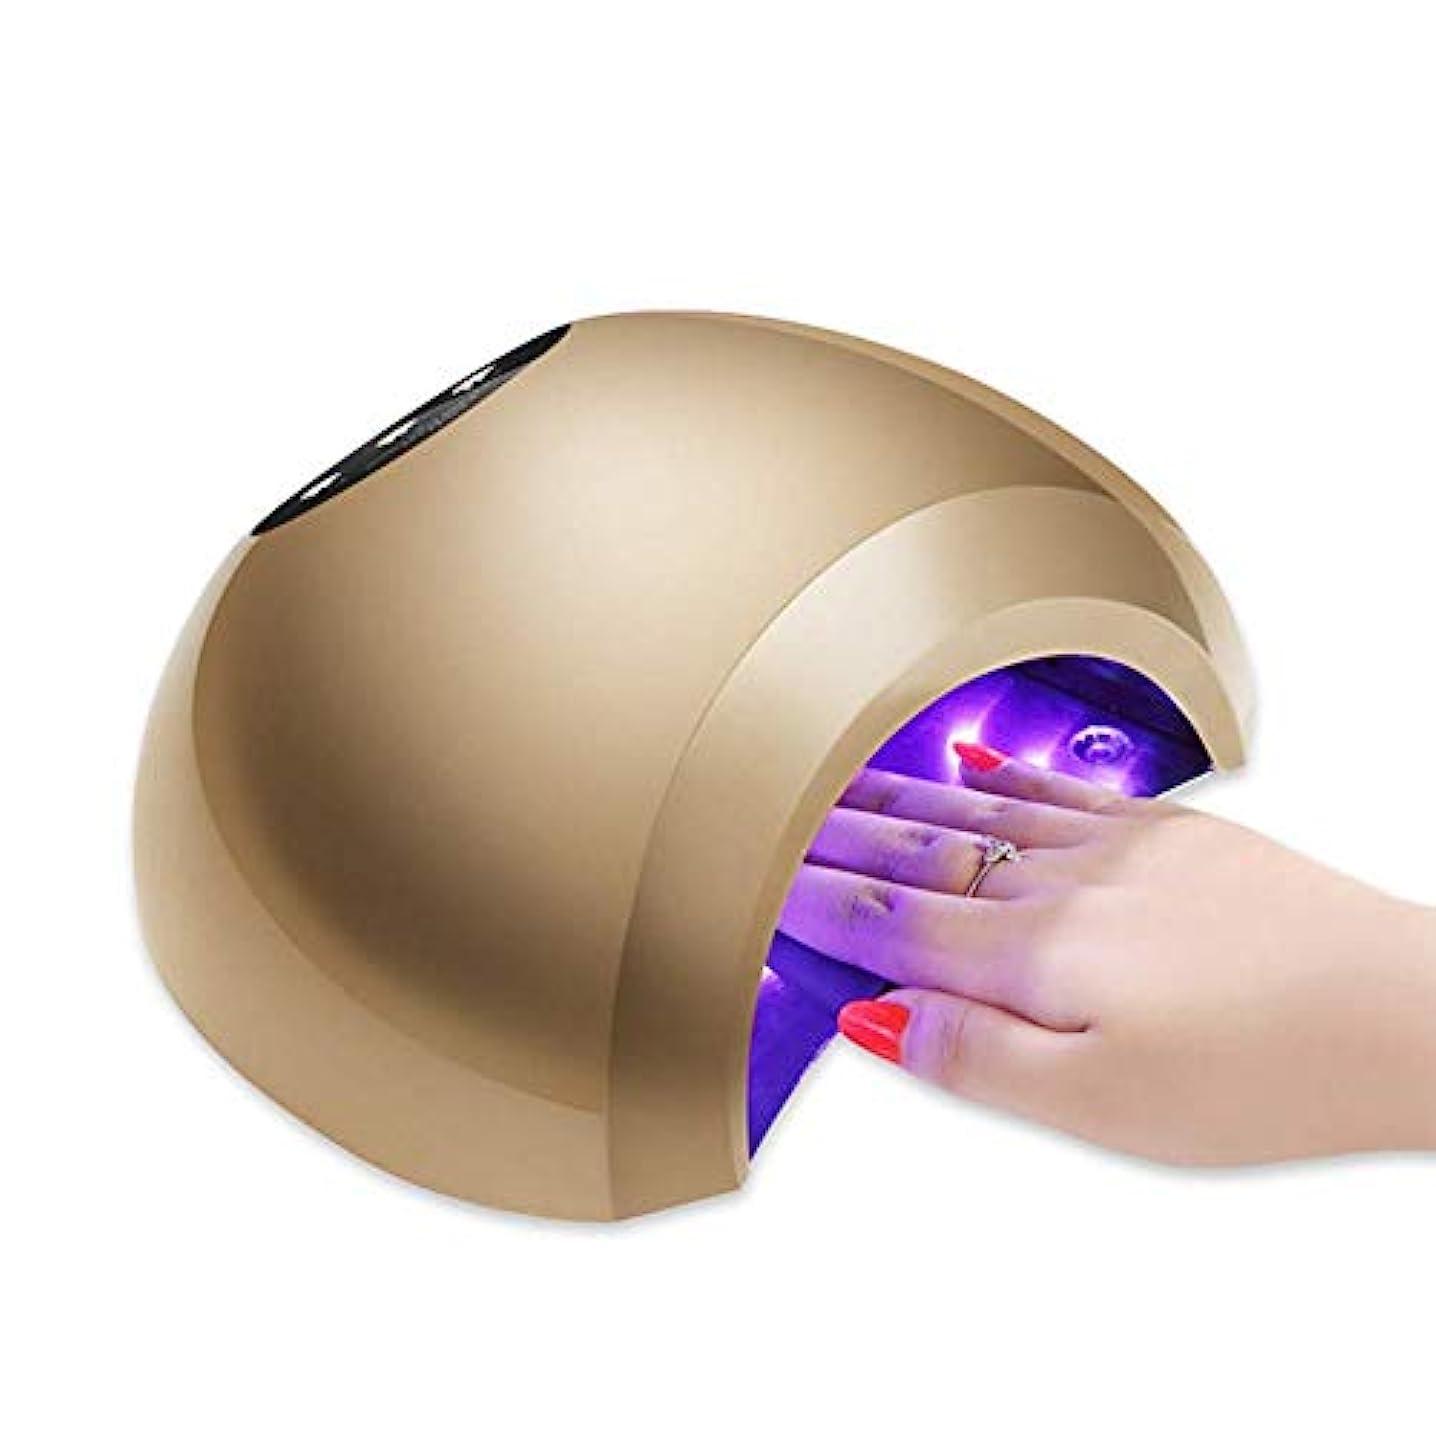 露カバートランスペアレントLed uvネイルドライヤー48ワット3モードプロフェッショナル液晶ディスプレイ赤外線センシングジェルポリッシュランプ光硬化マニキュア機、ゴールド